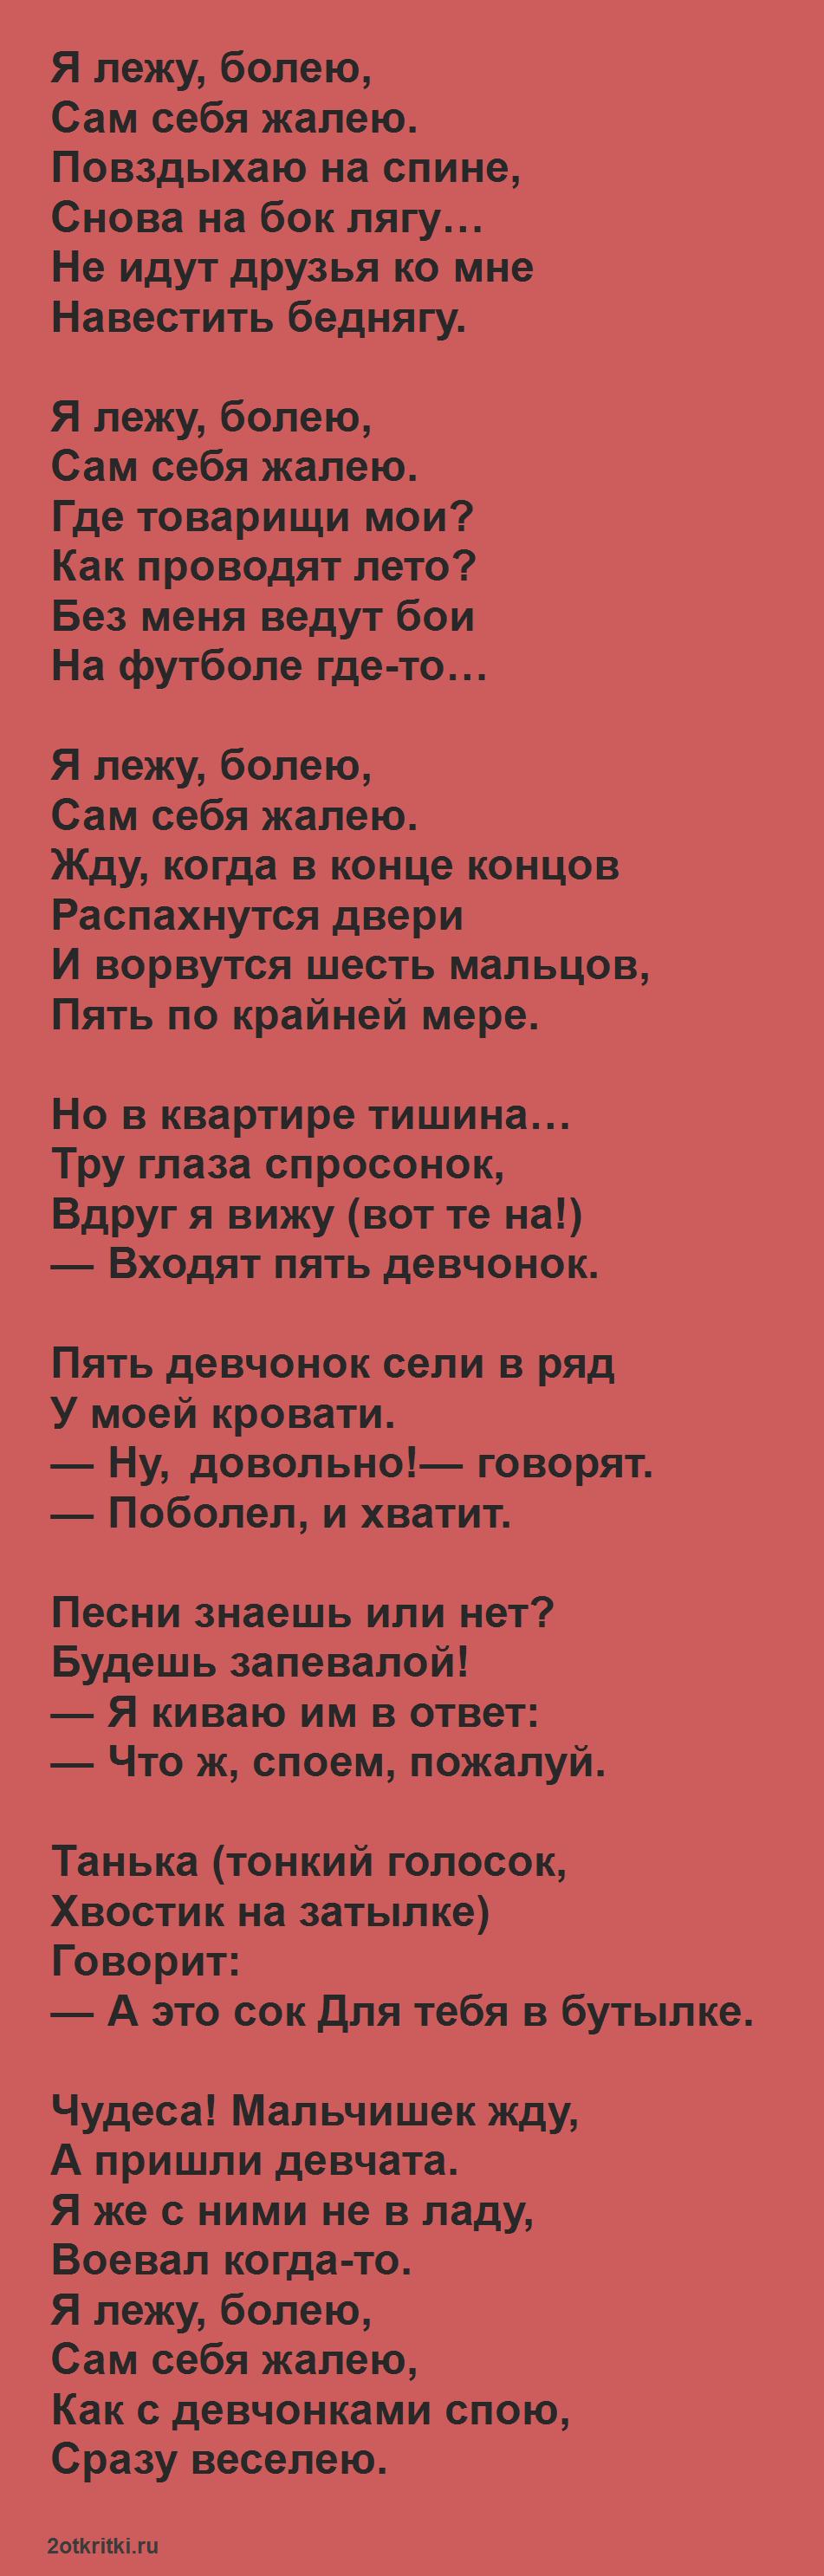 Стихи Агнии Барто для детей - Я лежу, болею